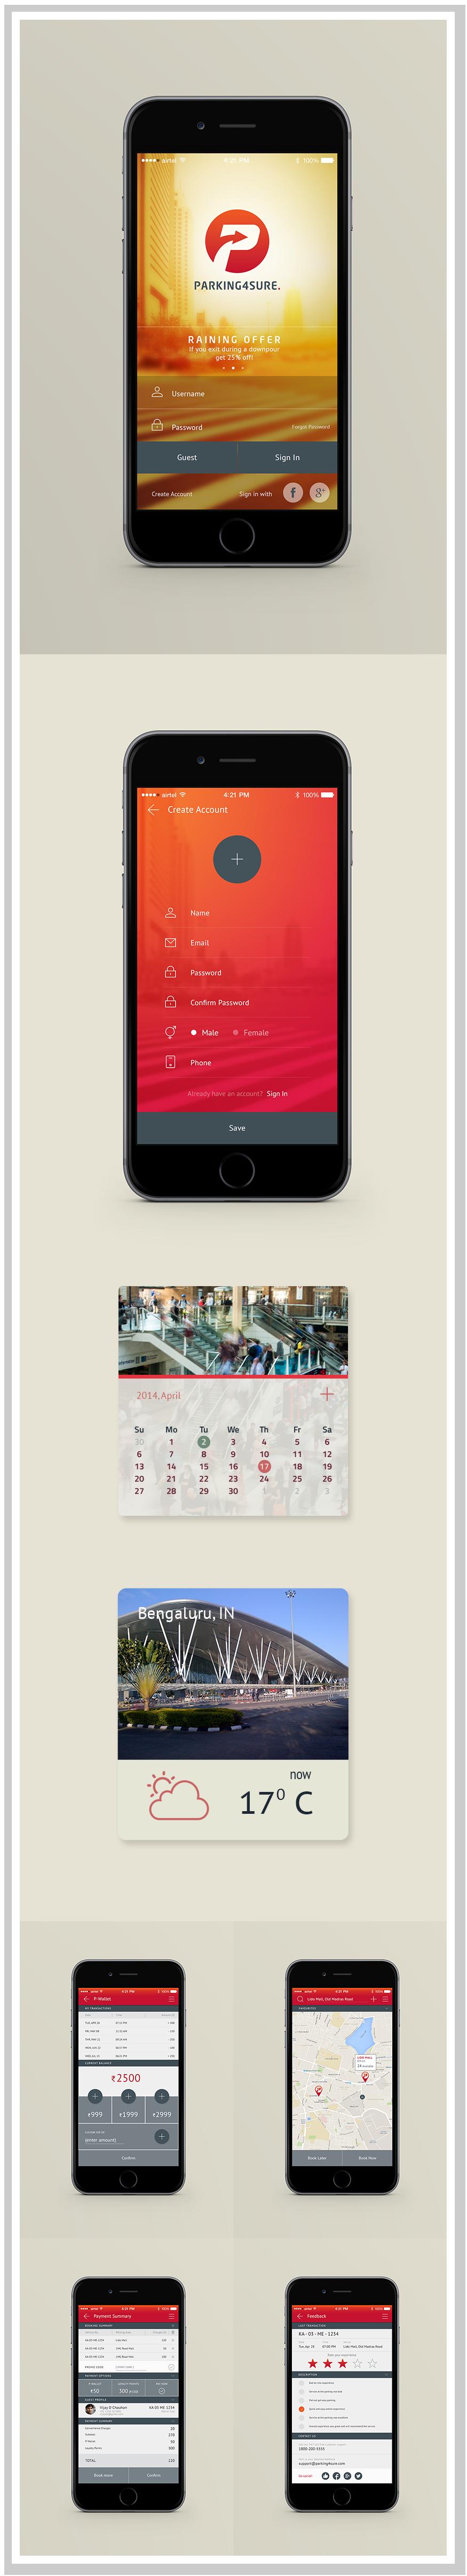 P4S - App Design 01